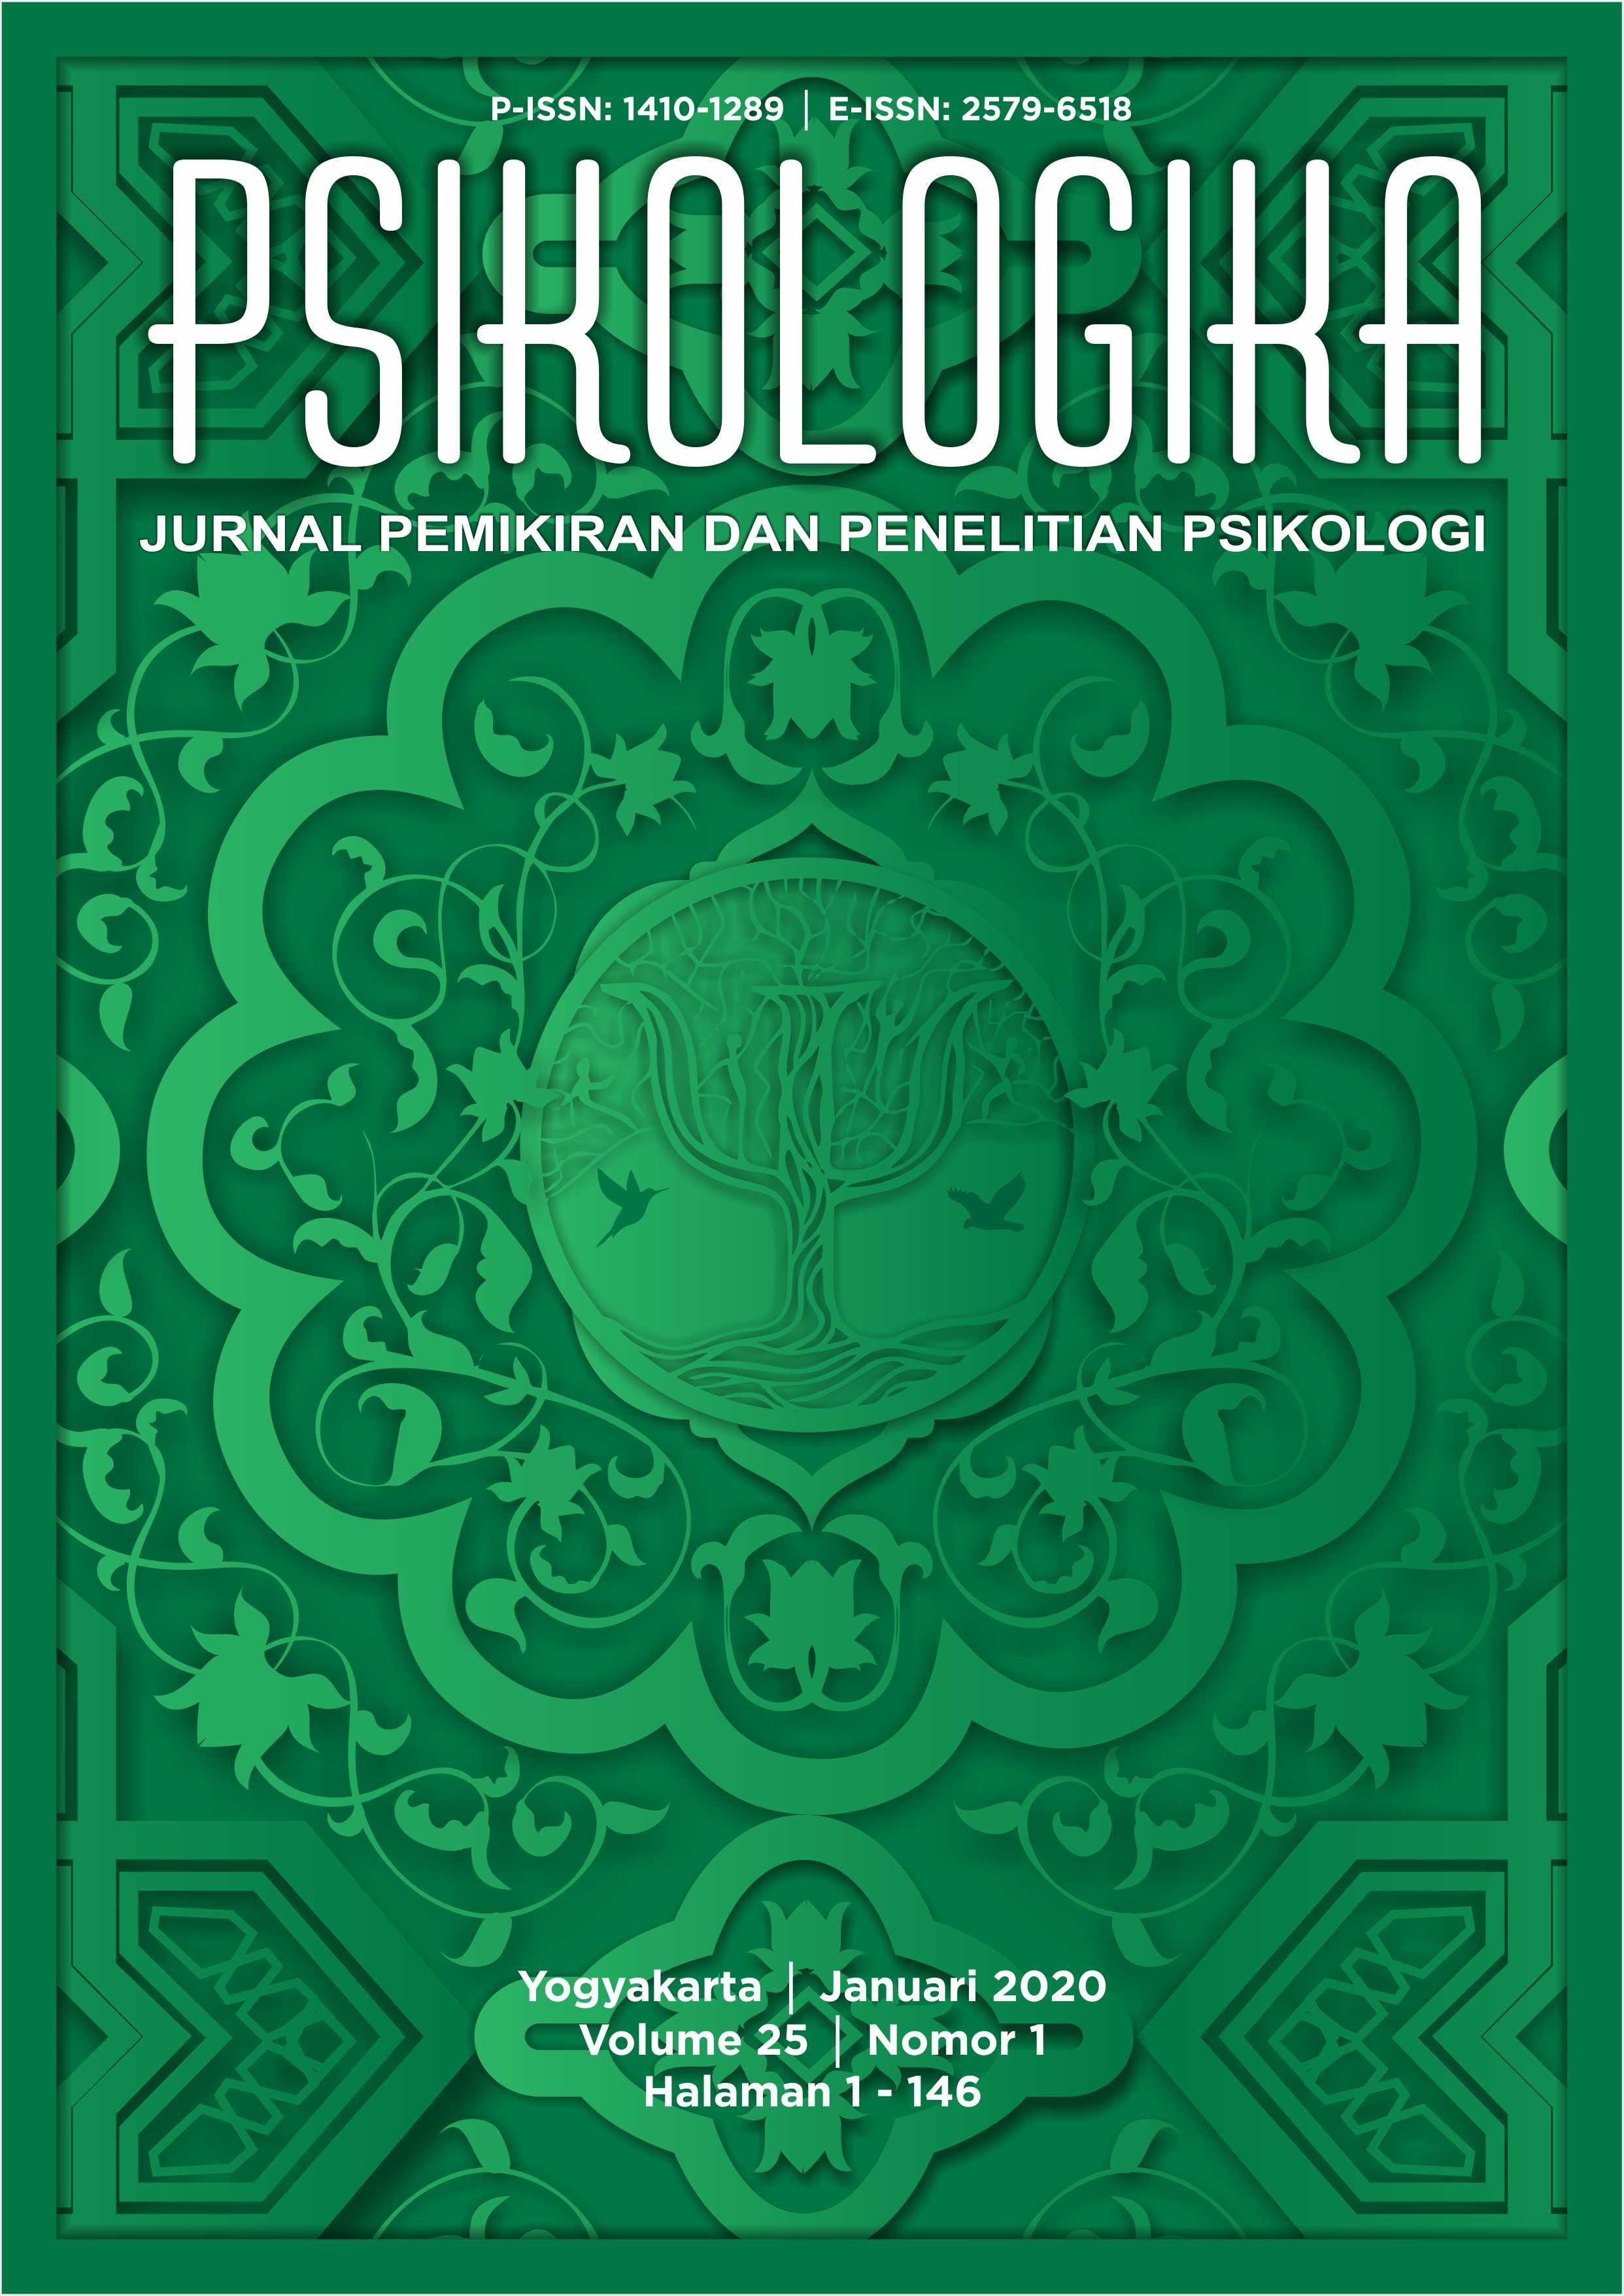 Cover Depan Psikologika Vol. 25 Iss. 1, Januari 2020